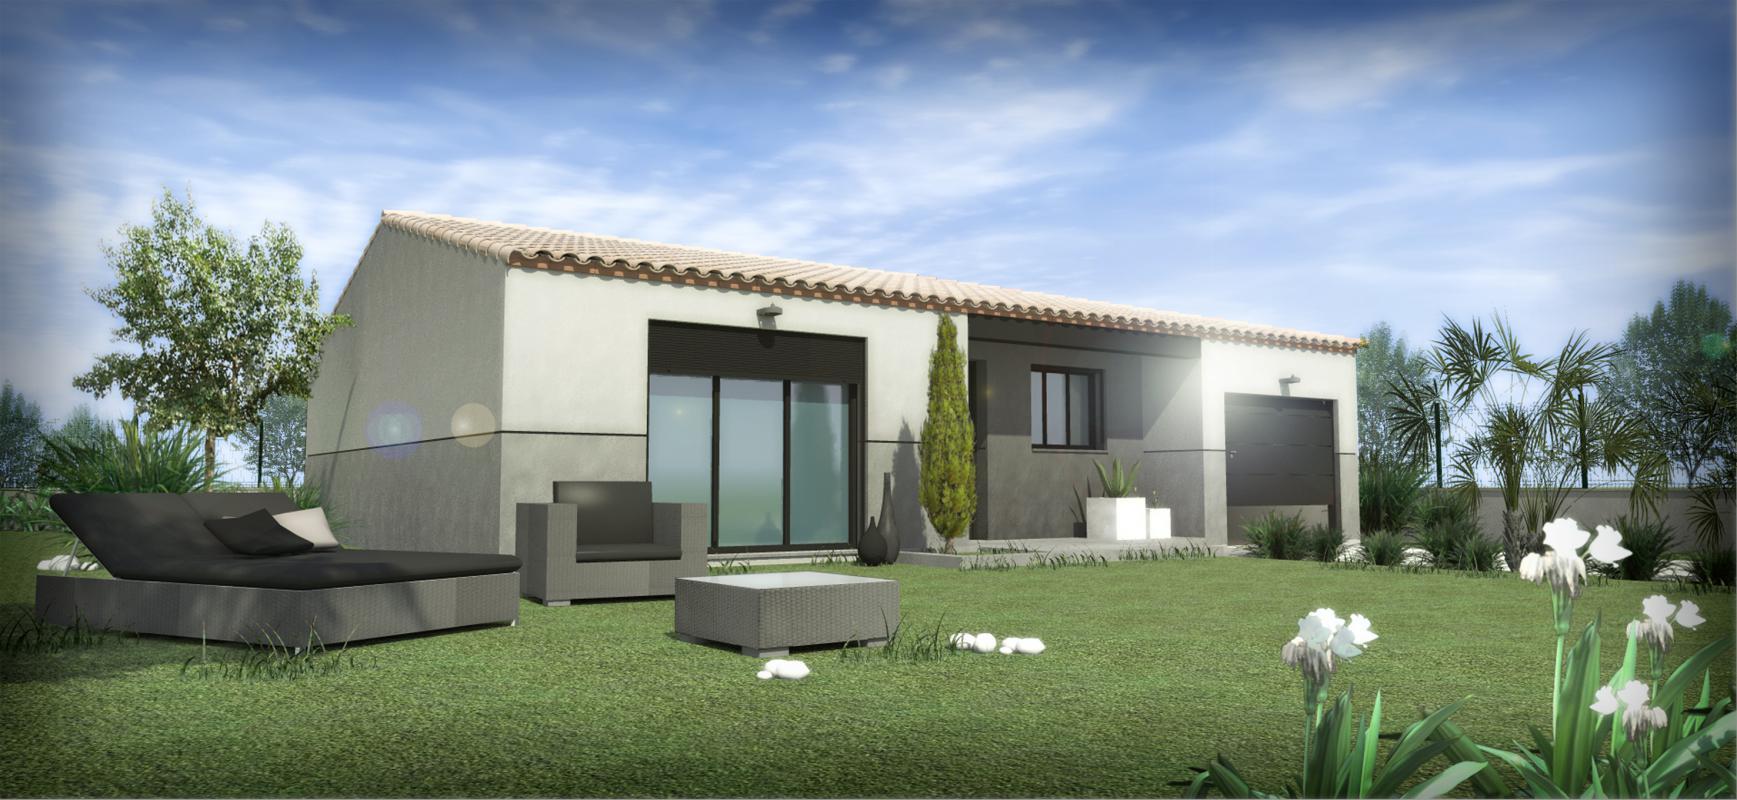 Maisons + Terrains du constructeur SM 11 • 90 m² • BEZIERS